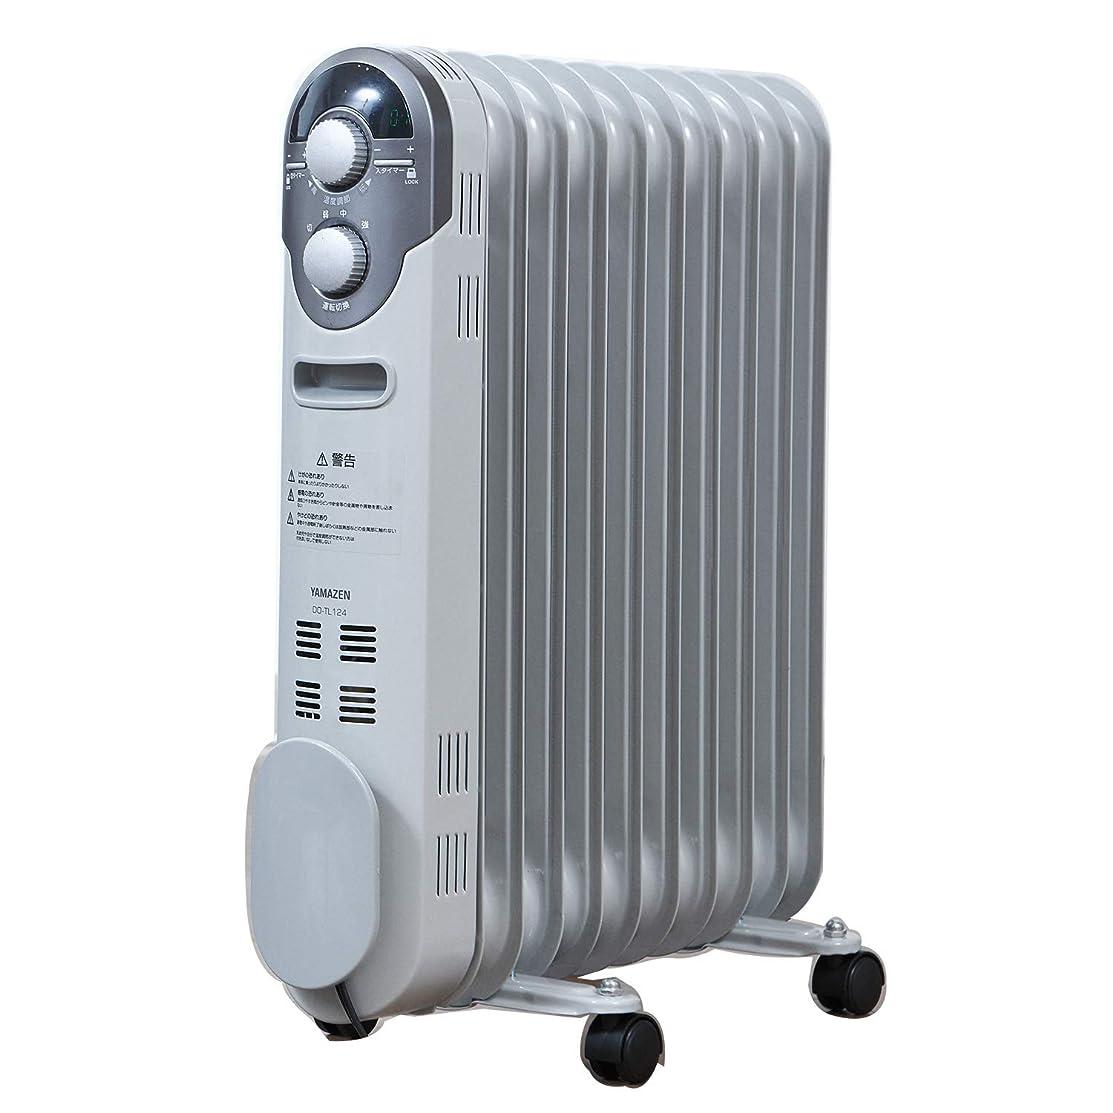 ステープルタバコワイヤー山善 オイルヒーター(1200/700/500W 3段階切替式)(温度調節機能付)(24時間入切タイマー付) ホワイト DO-TL124(W)